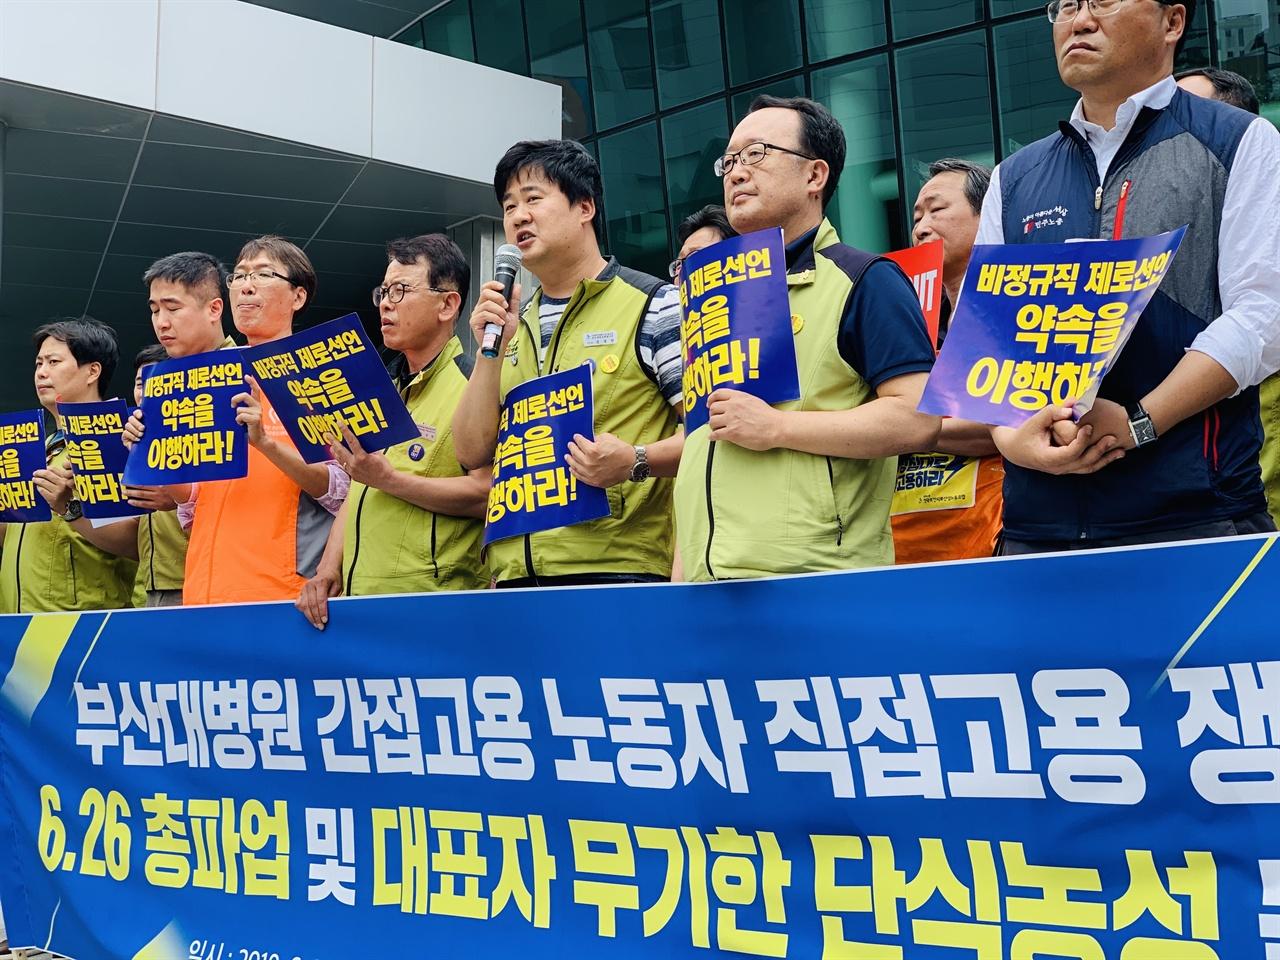 6.26 총파업 및 대표자 무기한 단식농성 기자회견